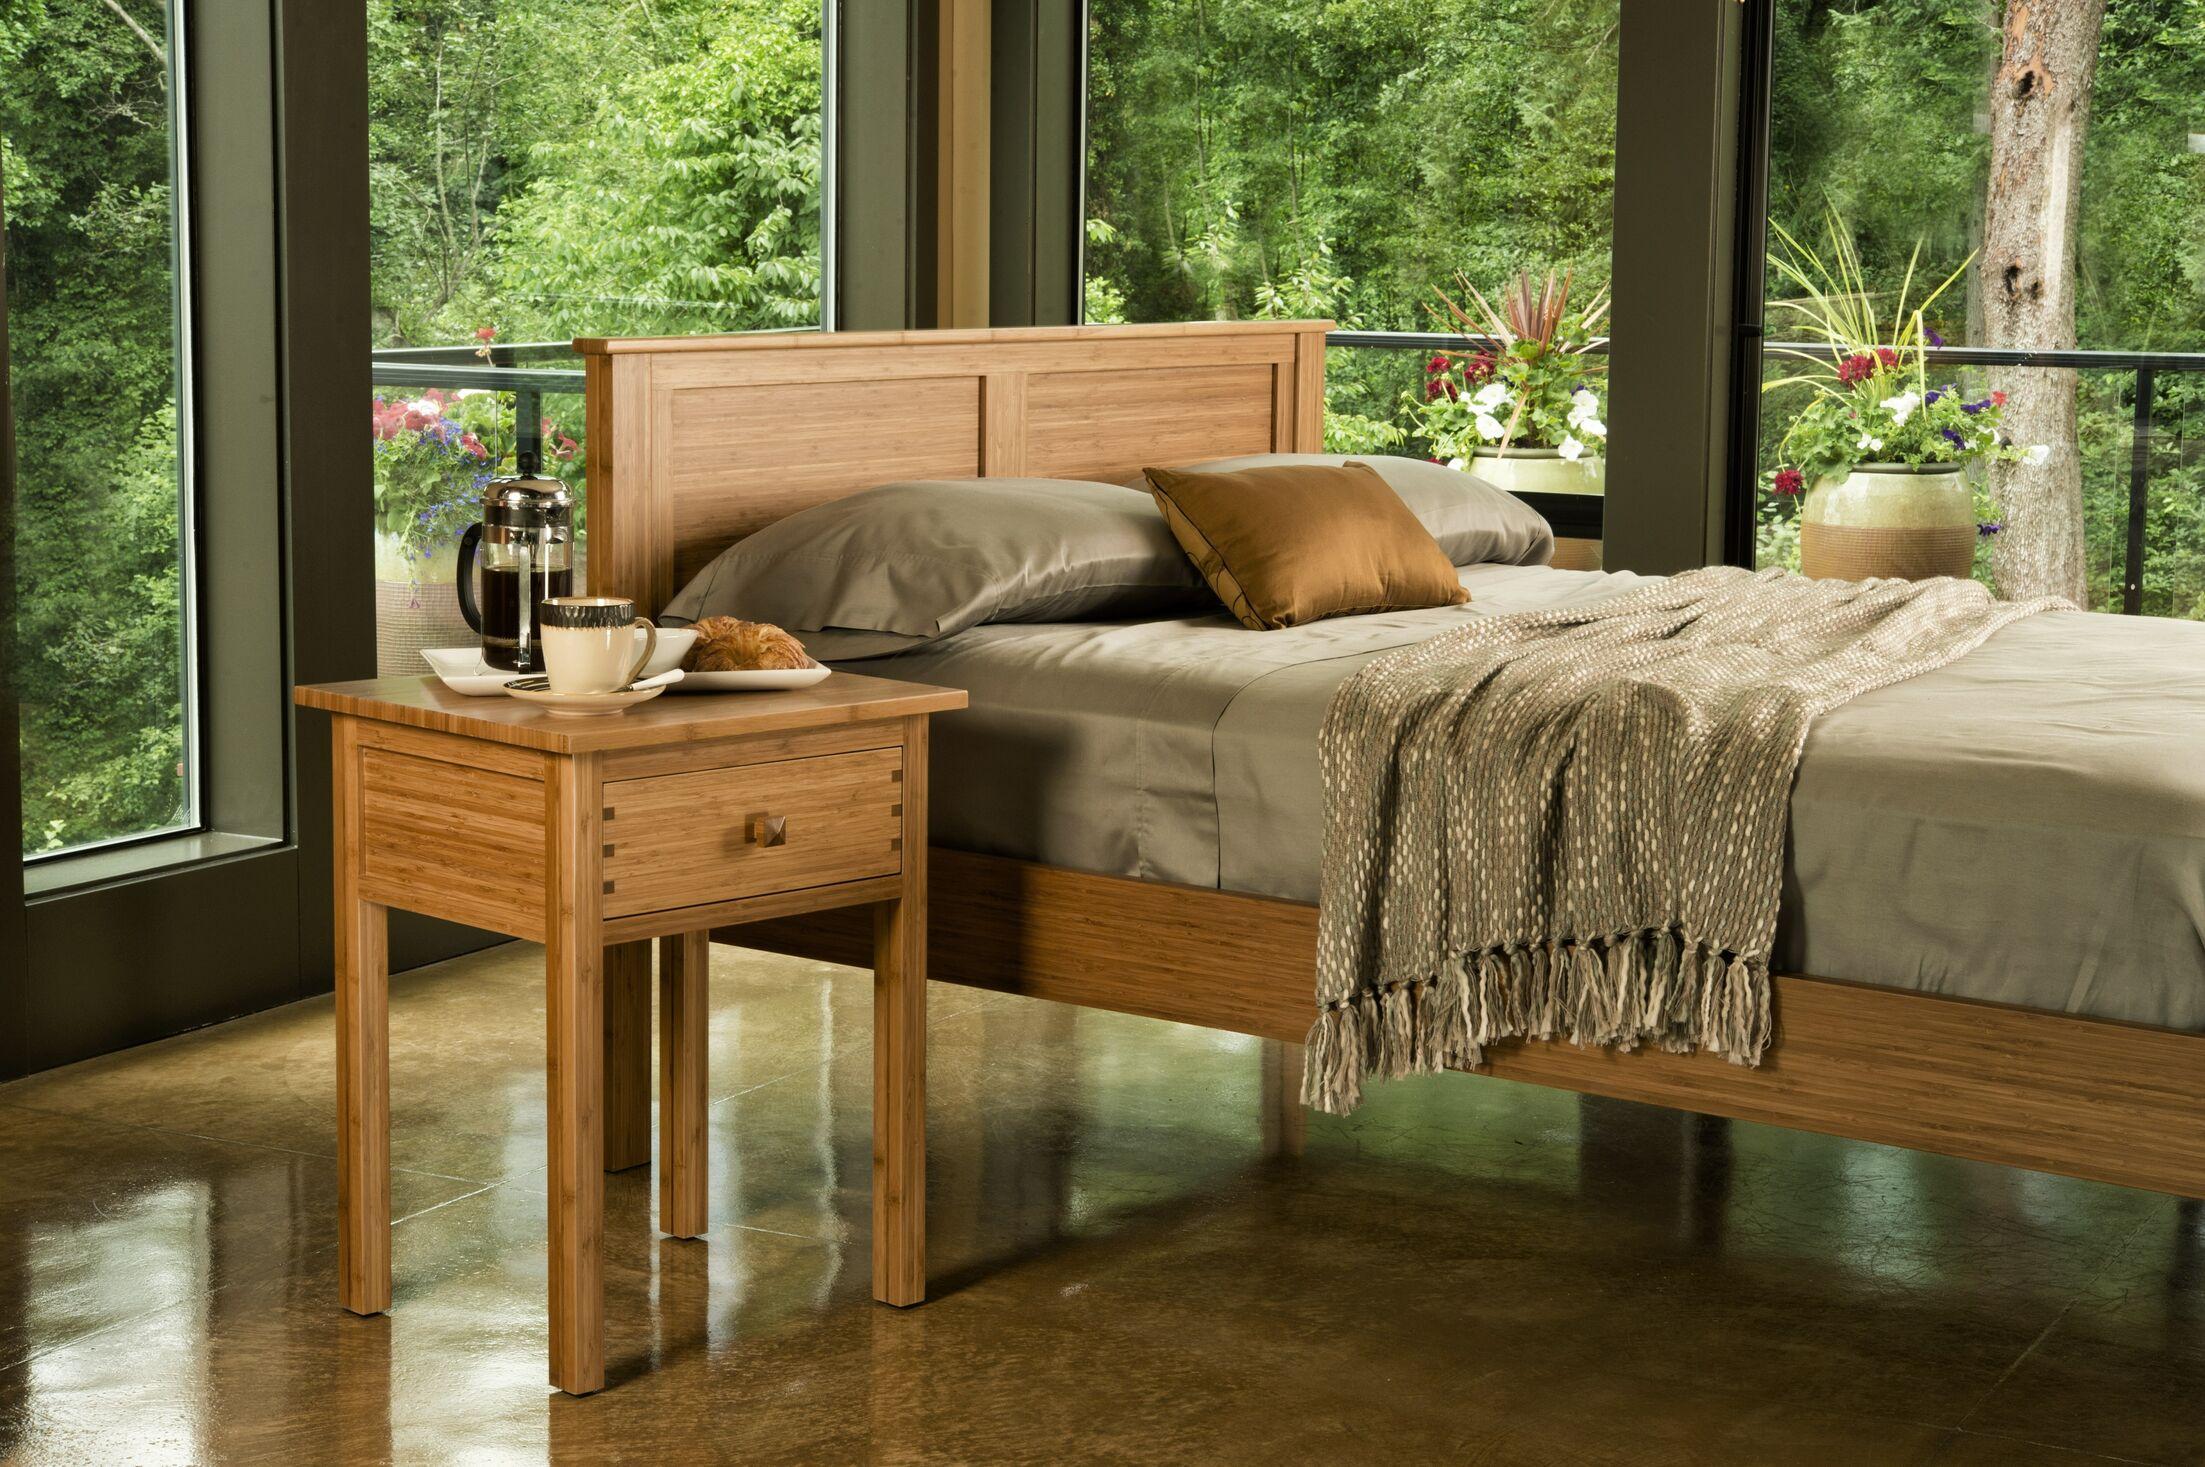 Hosta Platform Bed Size: King, Color: Natural